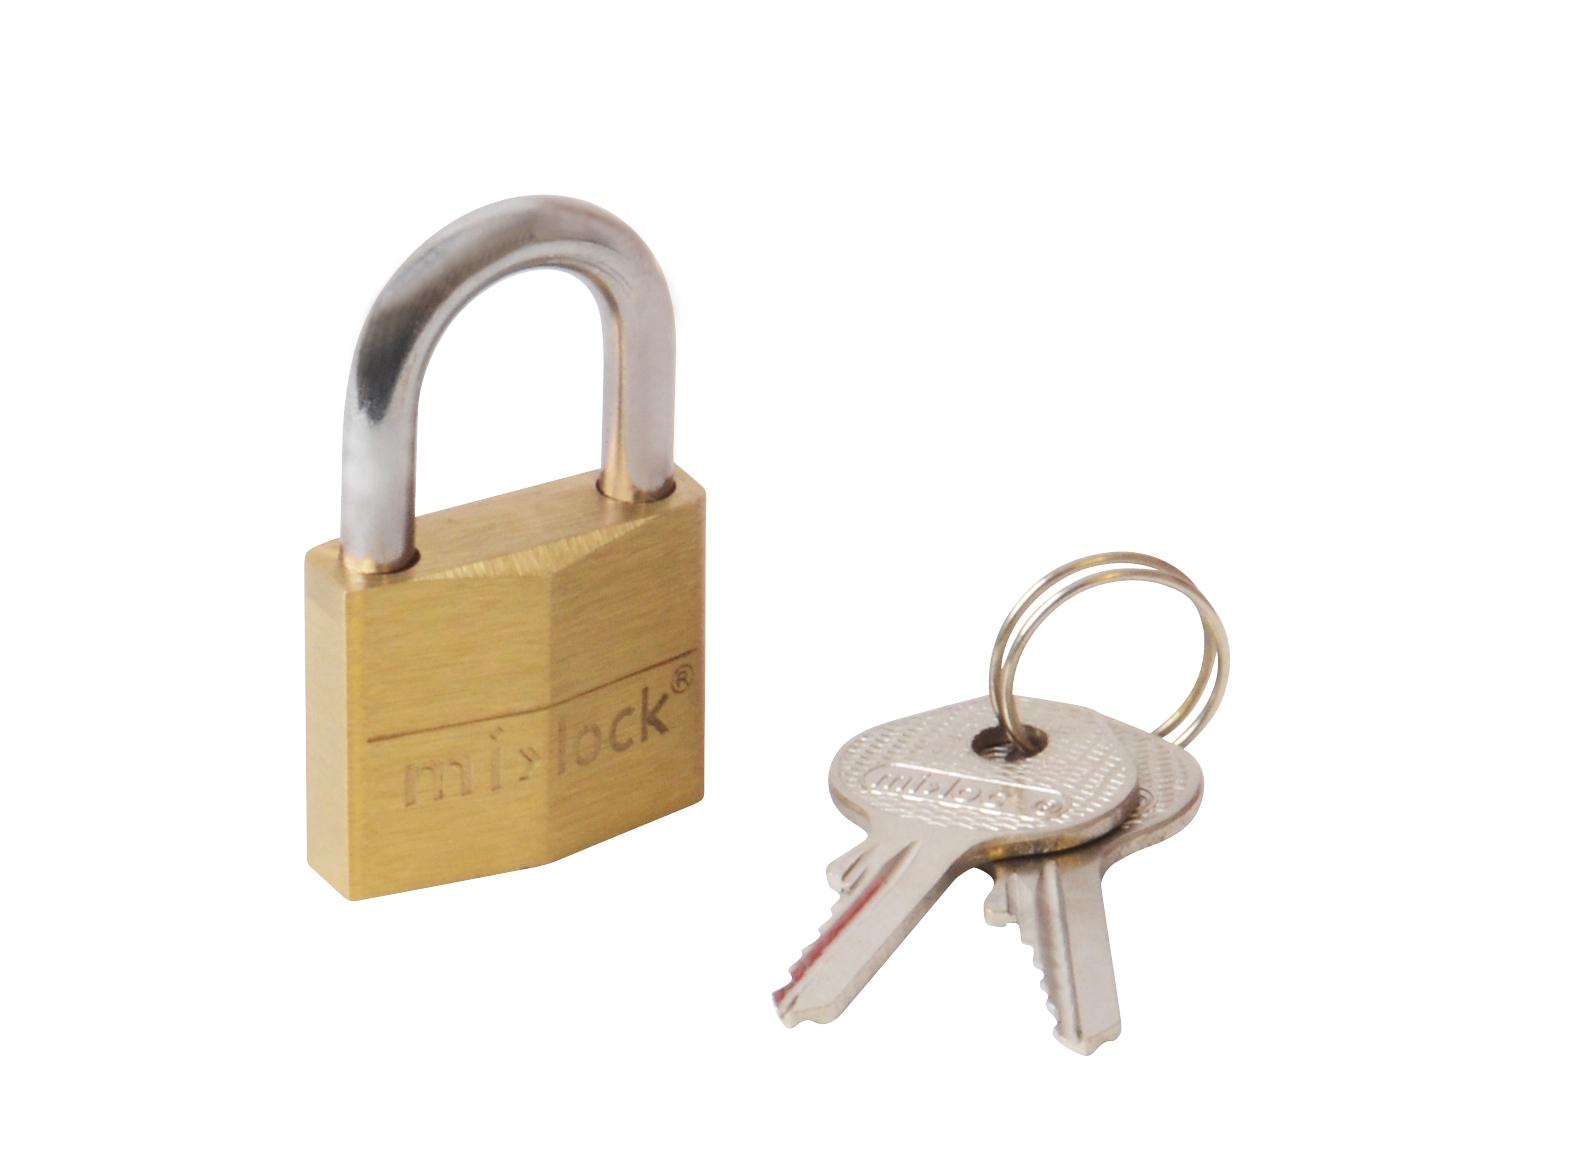 Mi||lock Hængelås messing - 30 mm.